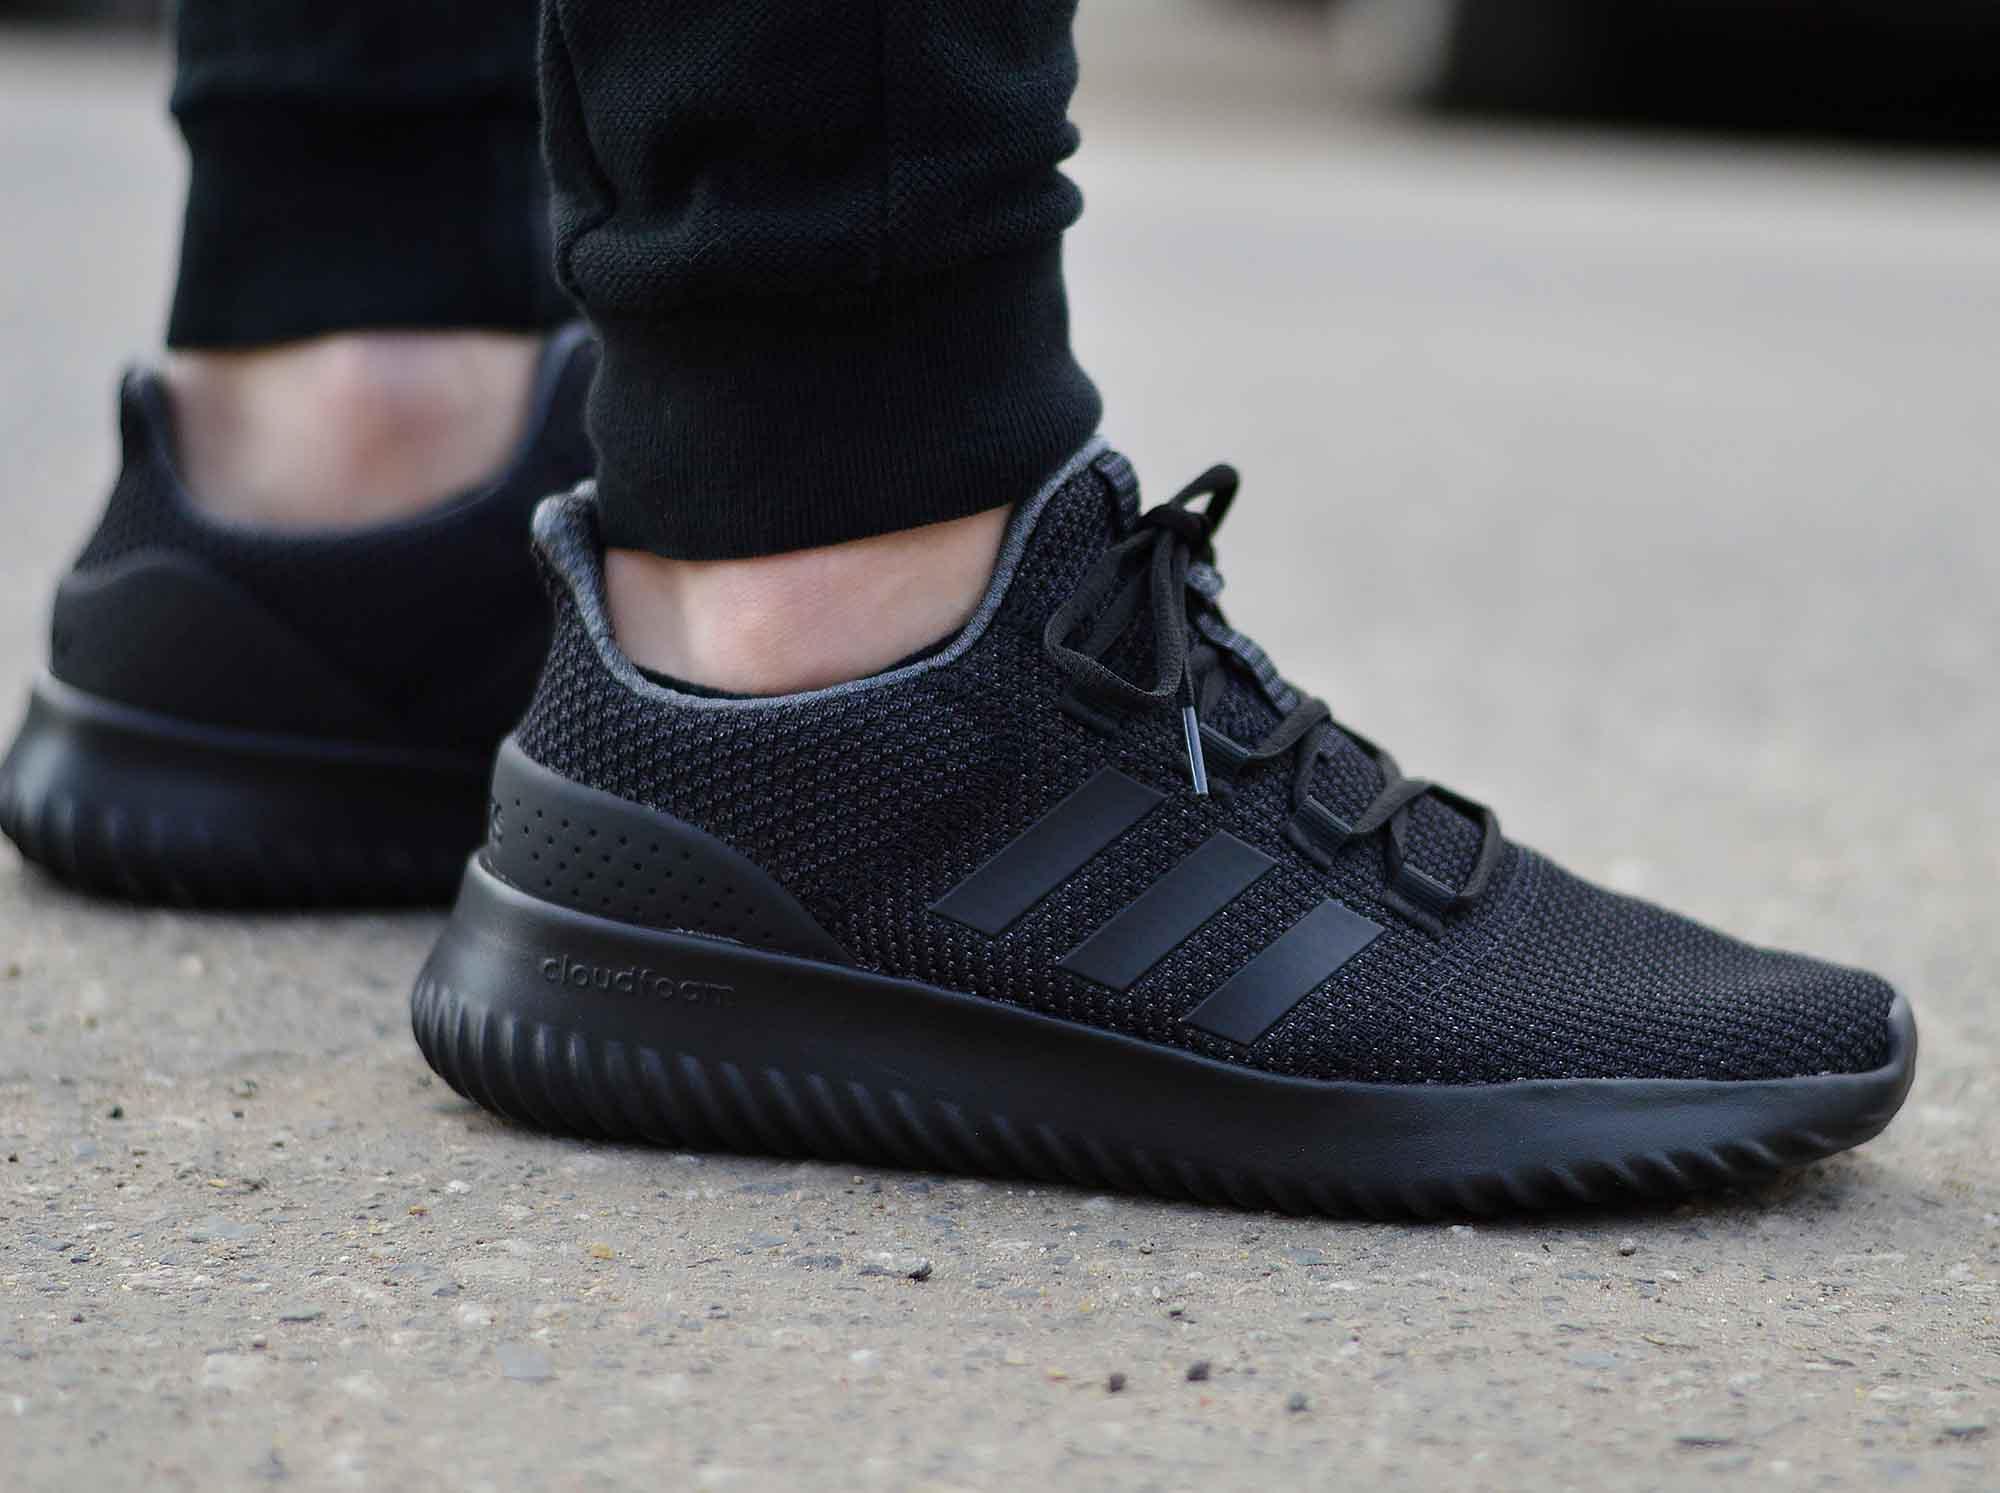 Adidas Cloudfoam Ultimate BC0018 r. 46 23 W wa 7199900971